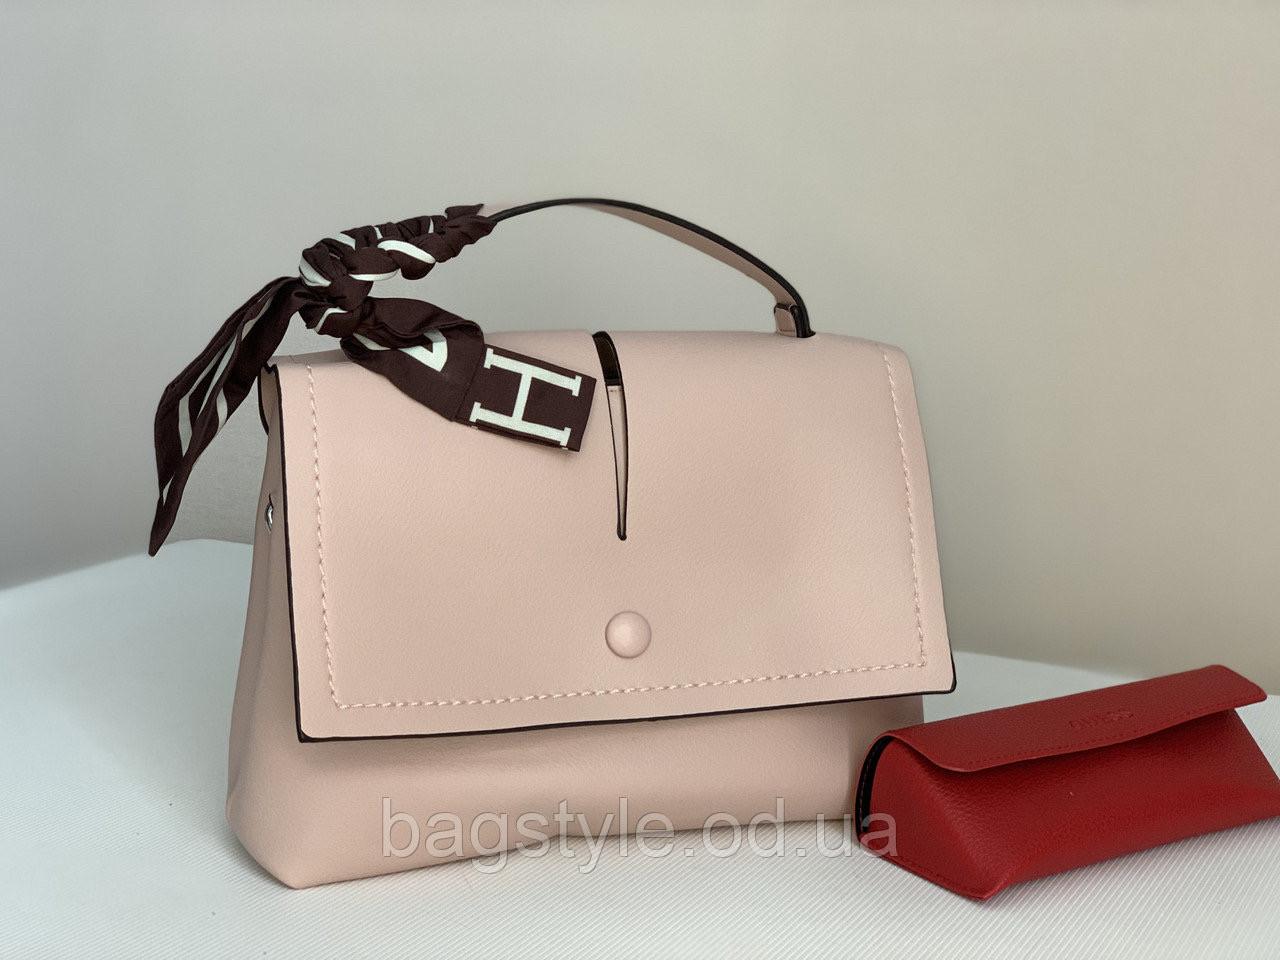 Пудрова невелика жіноча сумка рожева